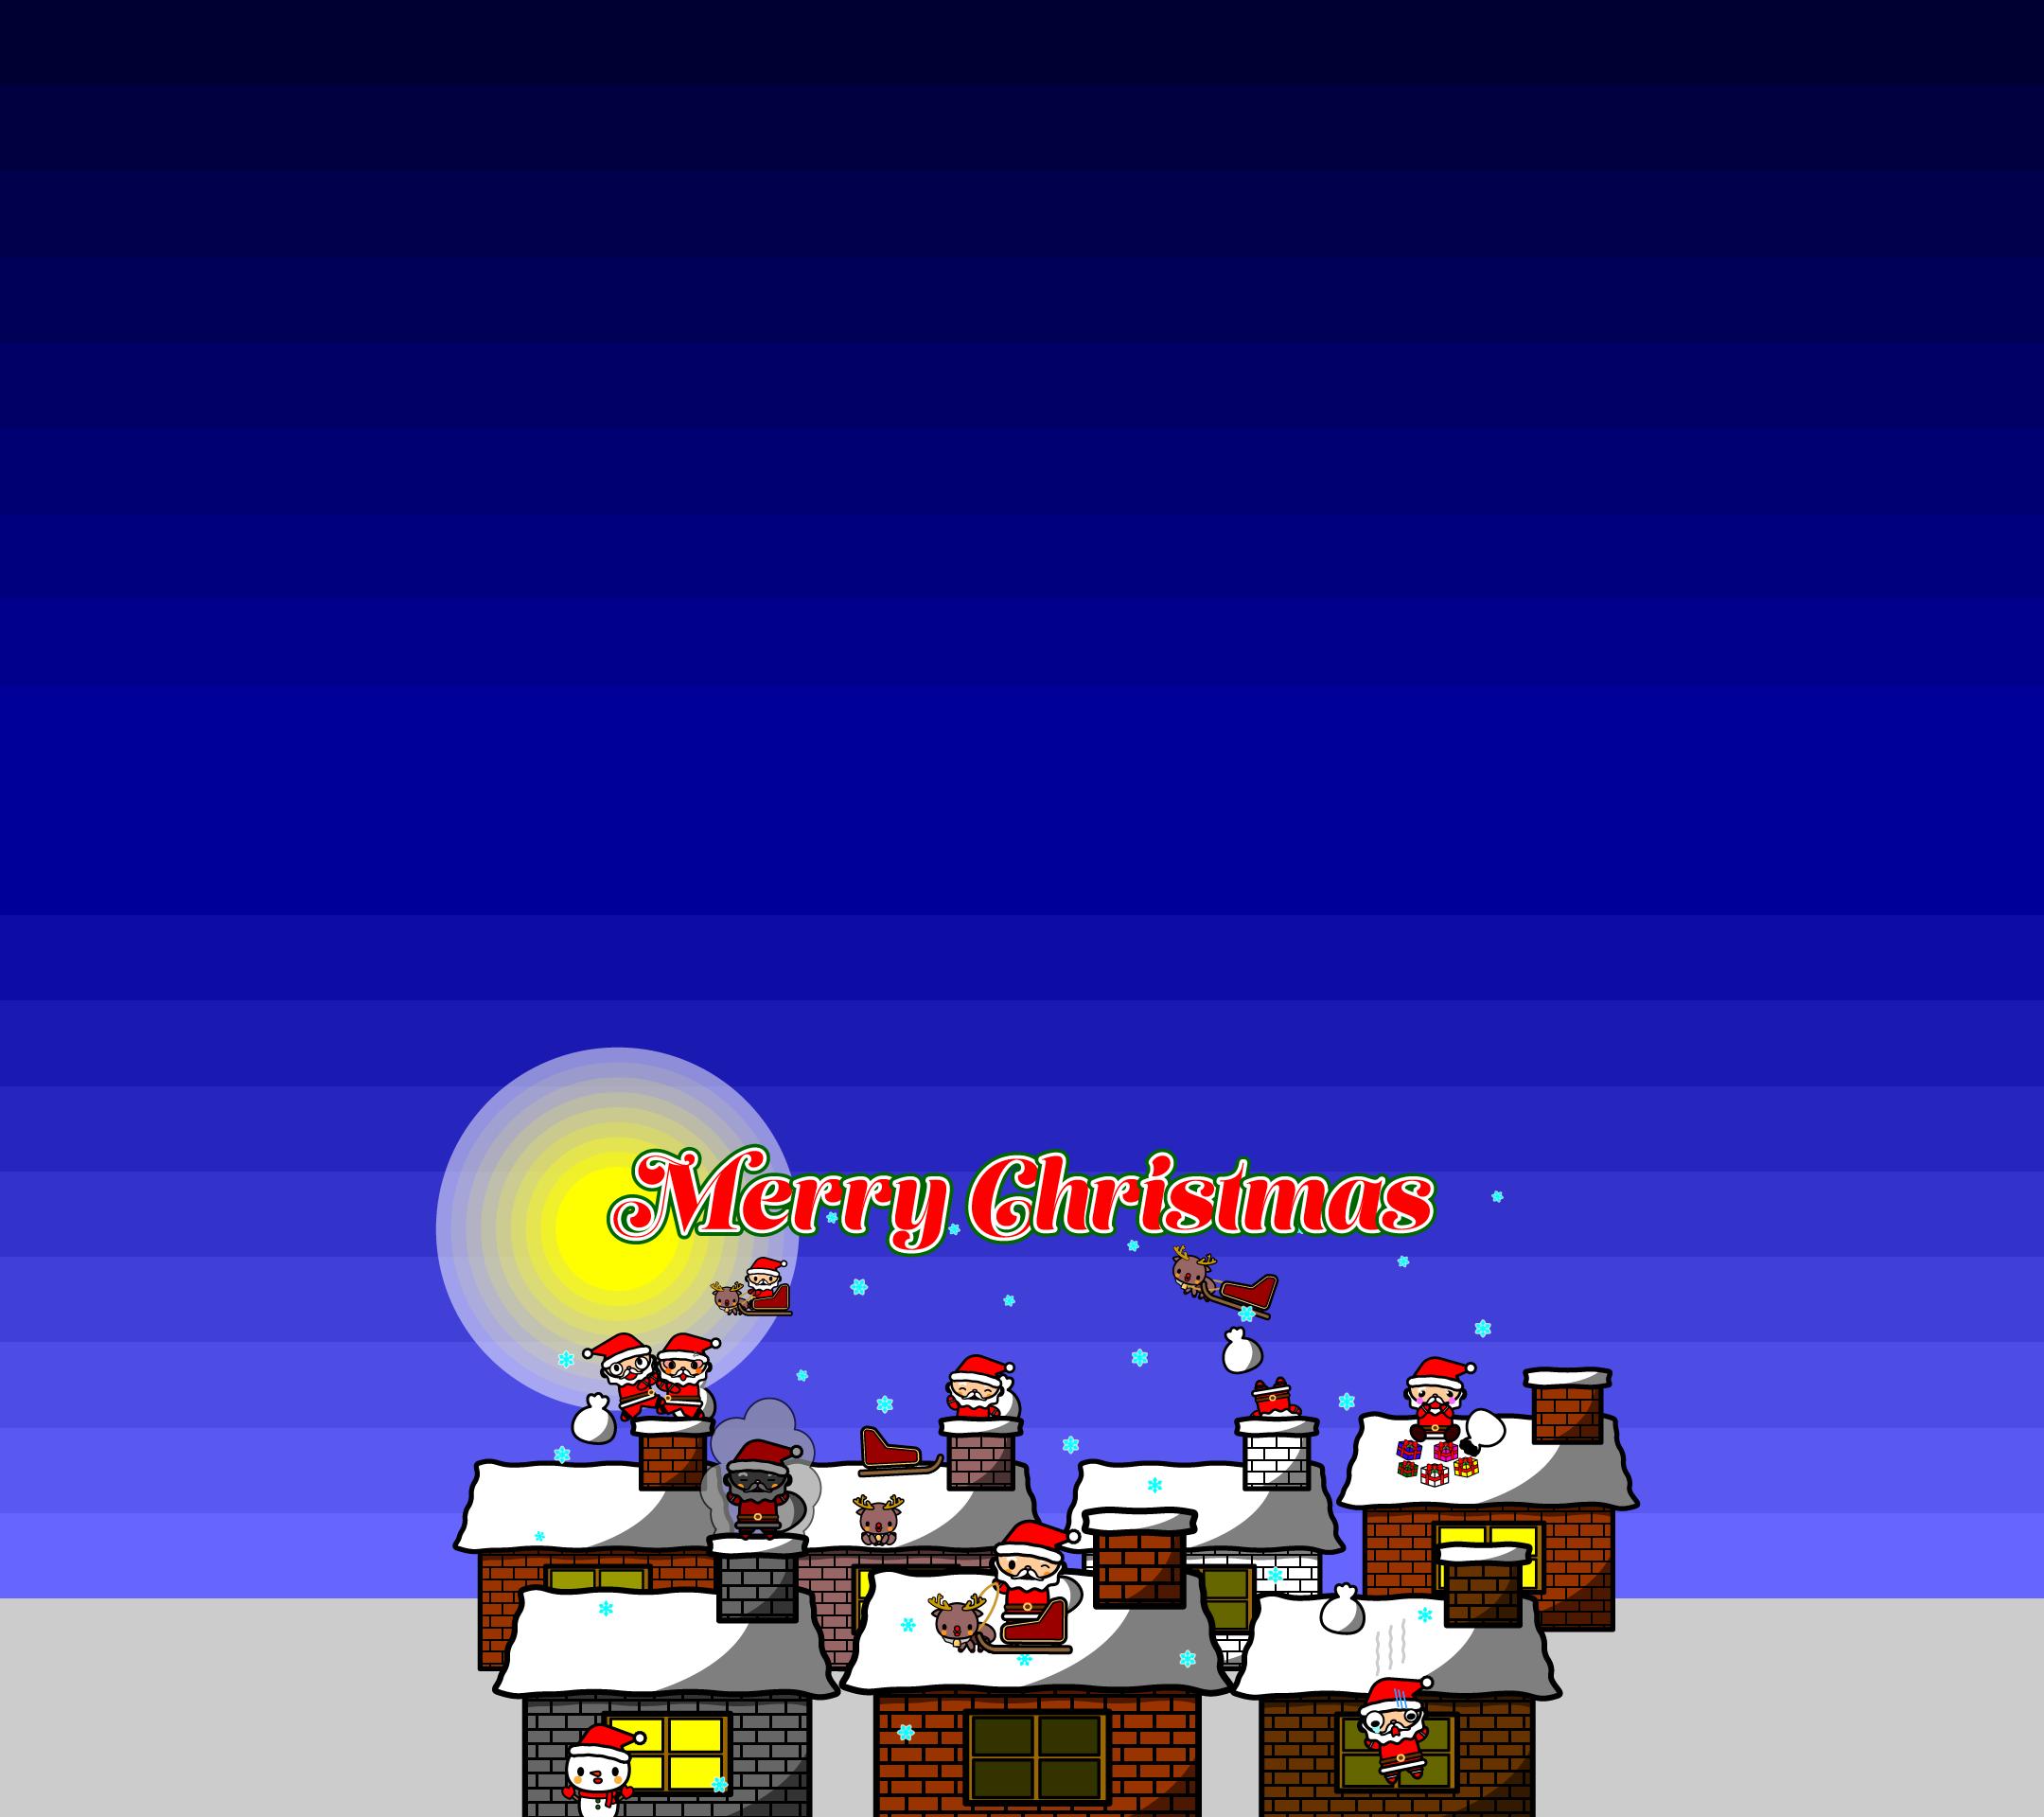 かわいいメリークリスマス壁紙(Android)の無料イラスト・商用フリー